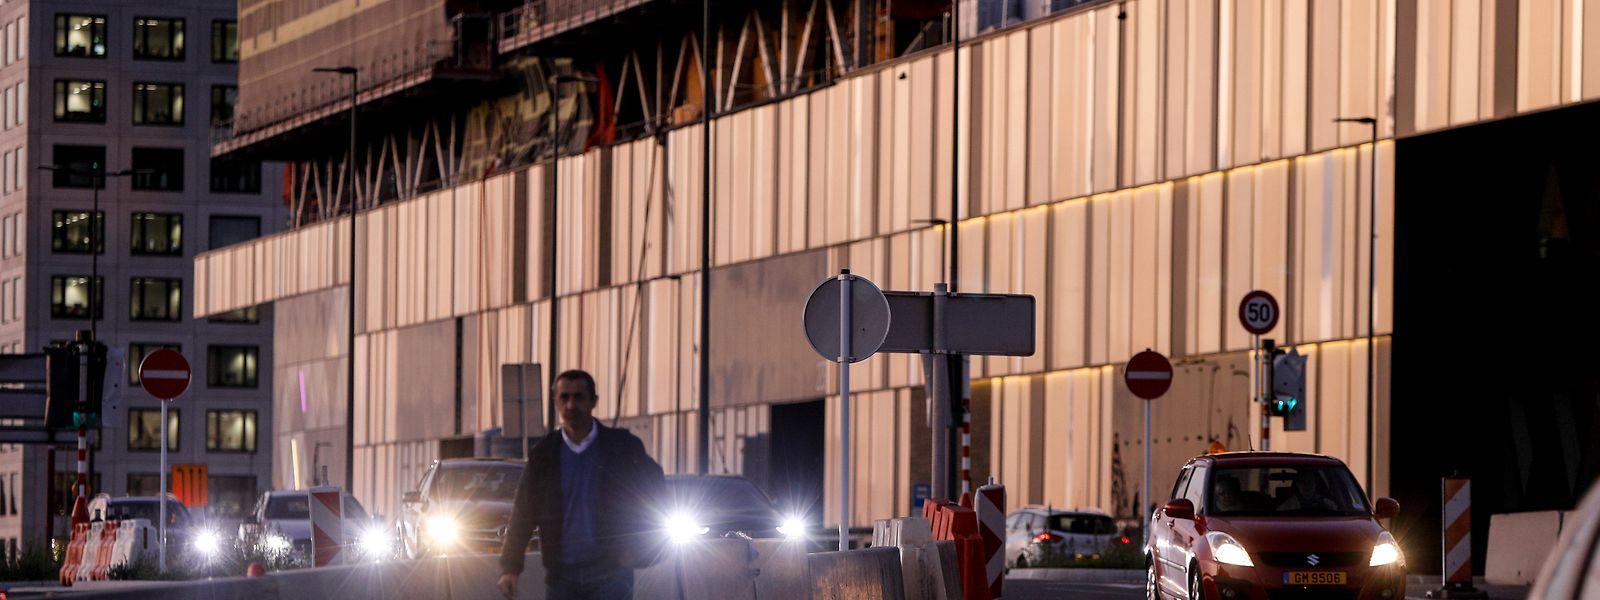 Wer sich bei Dunkelheit zu Fuß vom Shoppingcenter Cloche d'Or in Richtung P+R-Platz in Howald geht, begibt sich in Lebensgefahr.